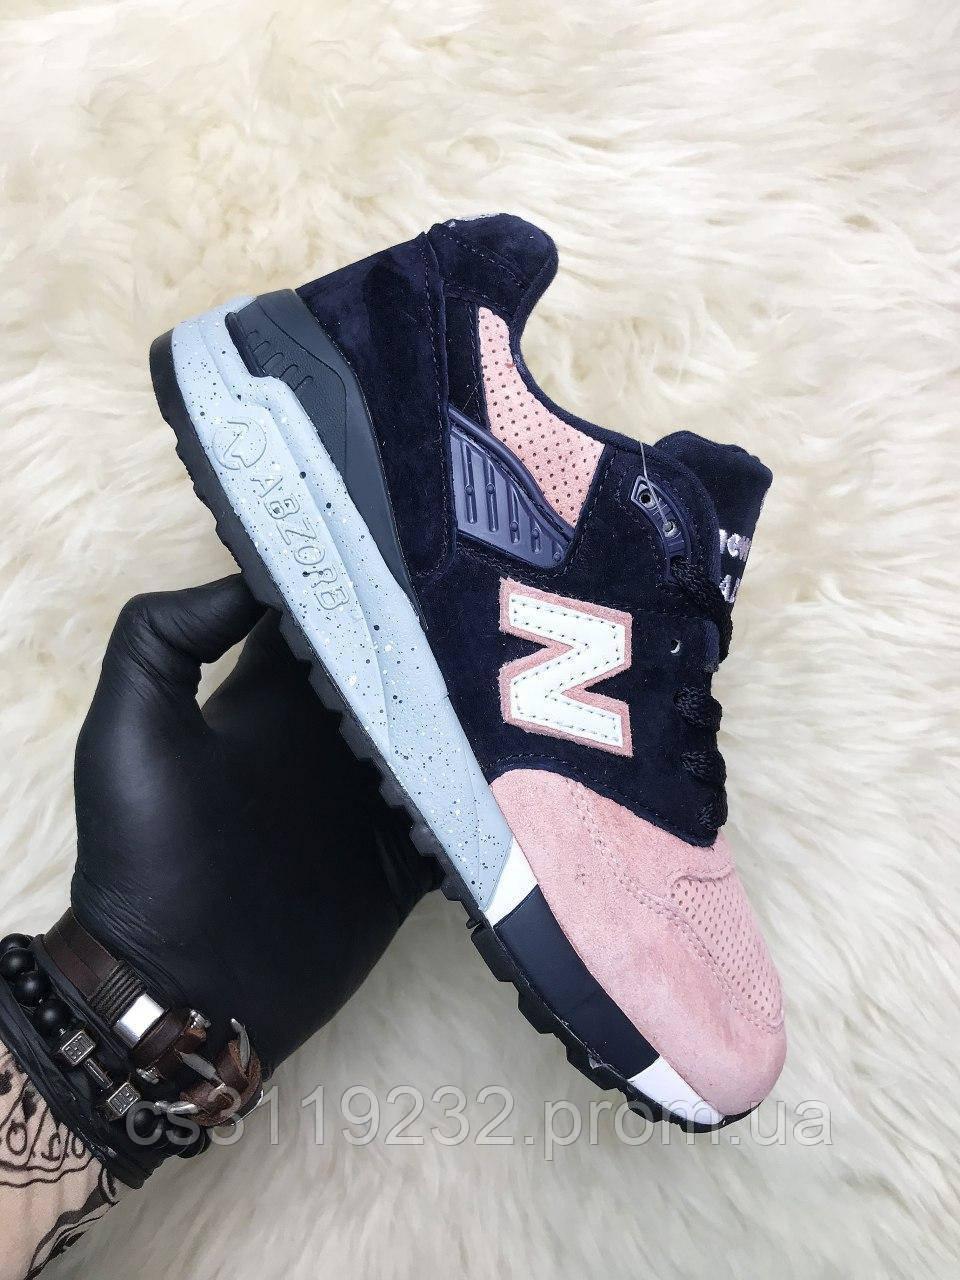 Чоловічі кросівки New Balance 998 Salmon (сині)